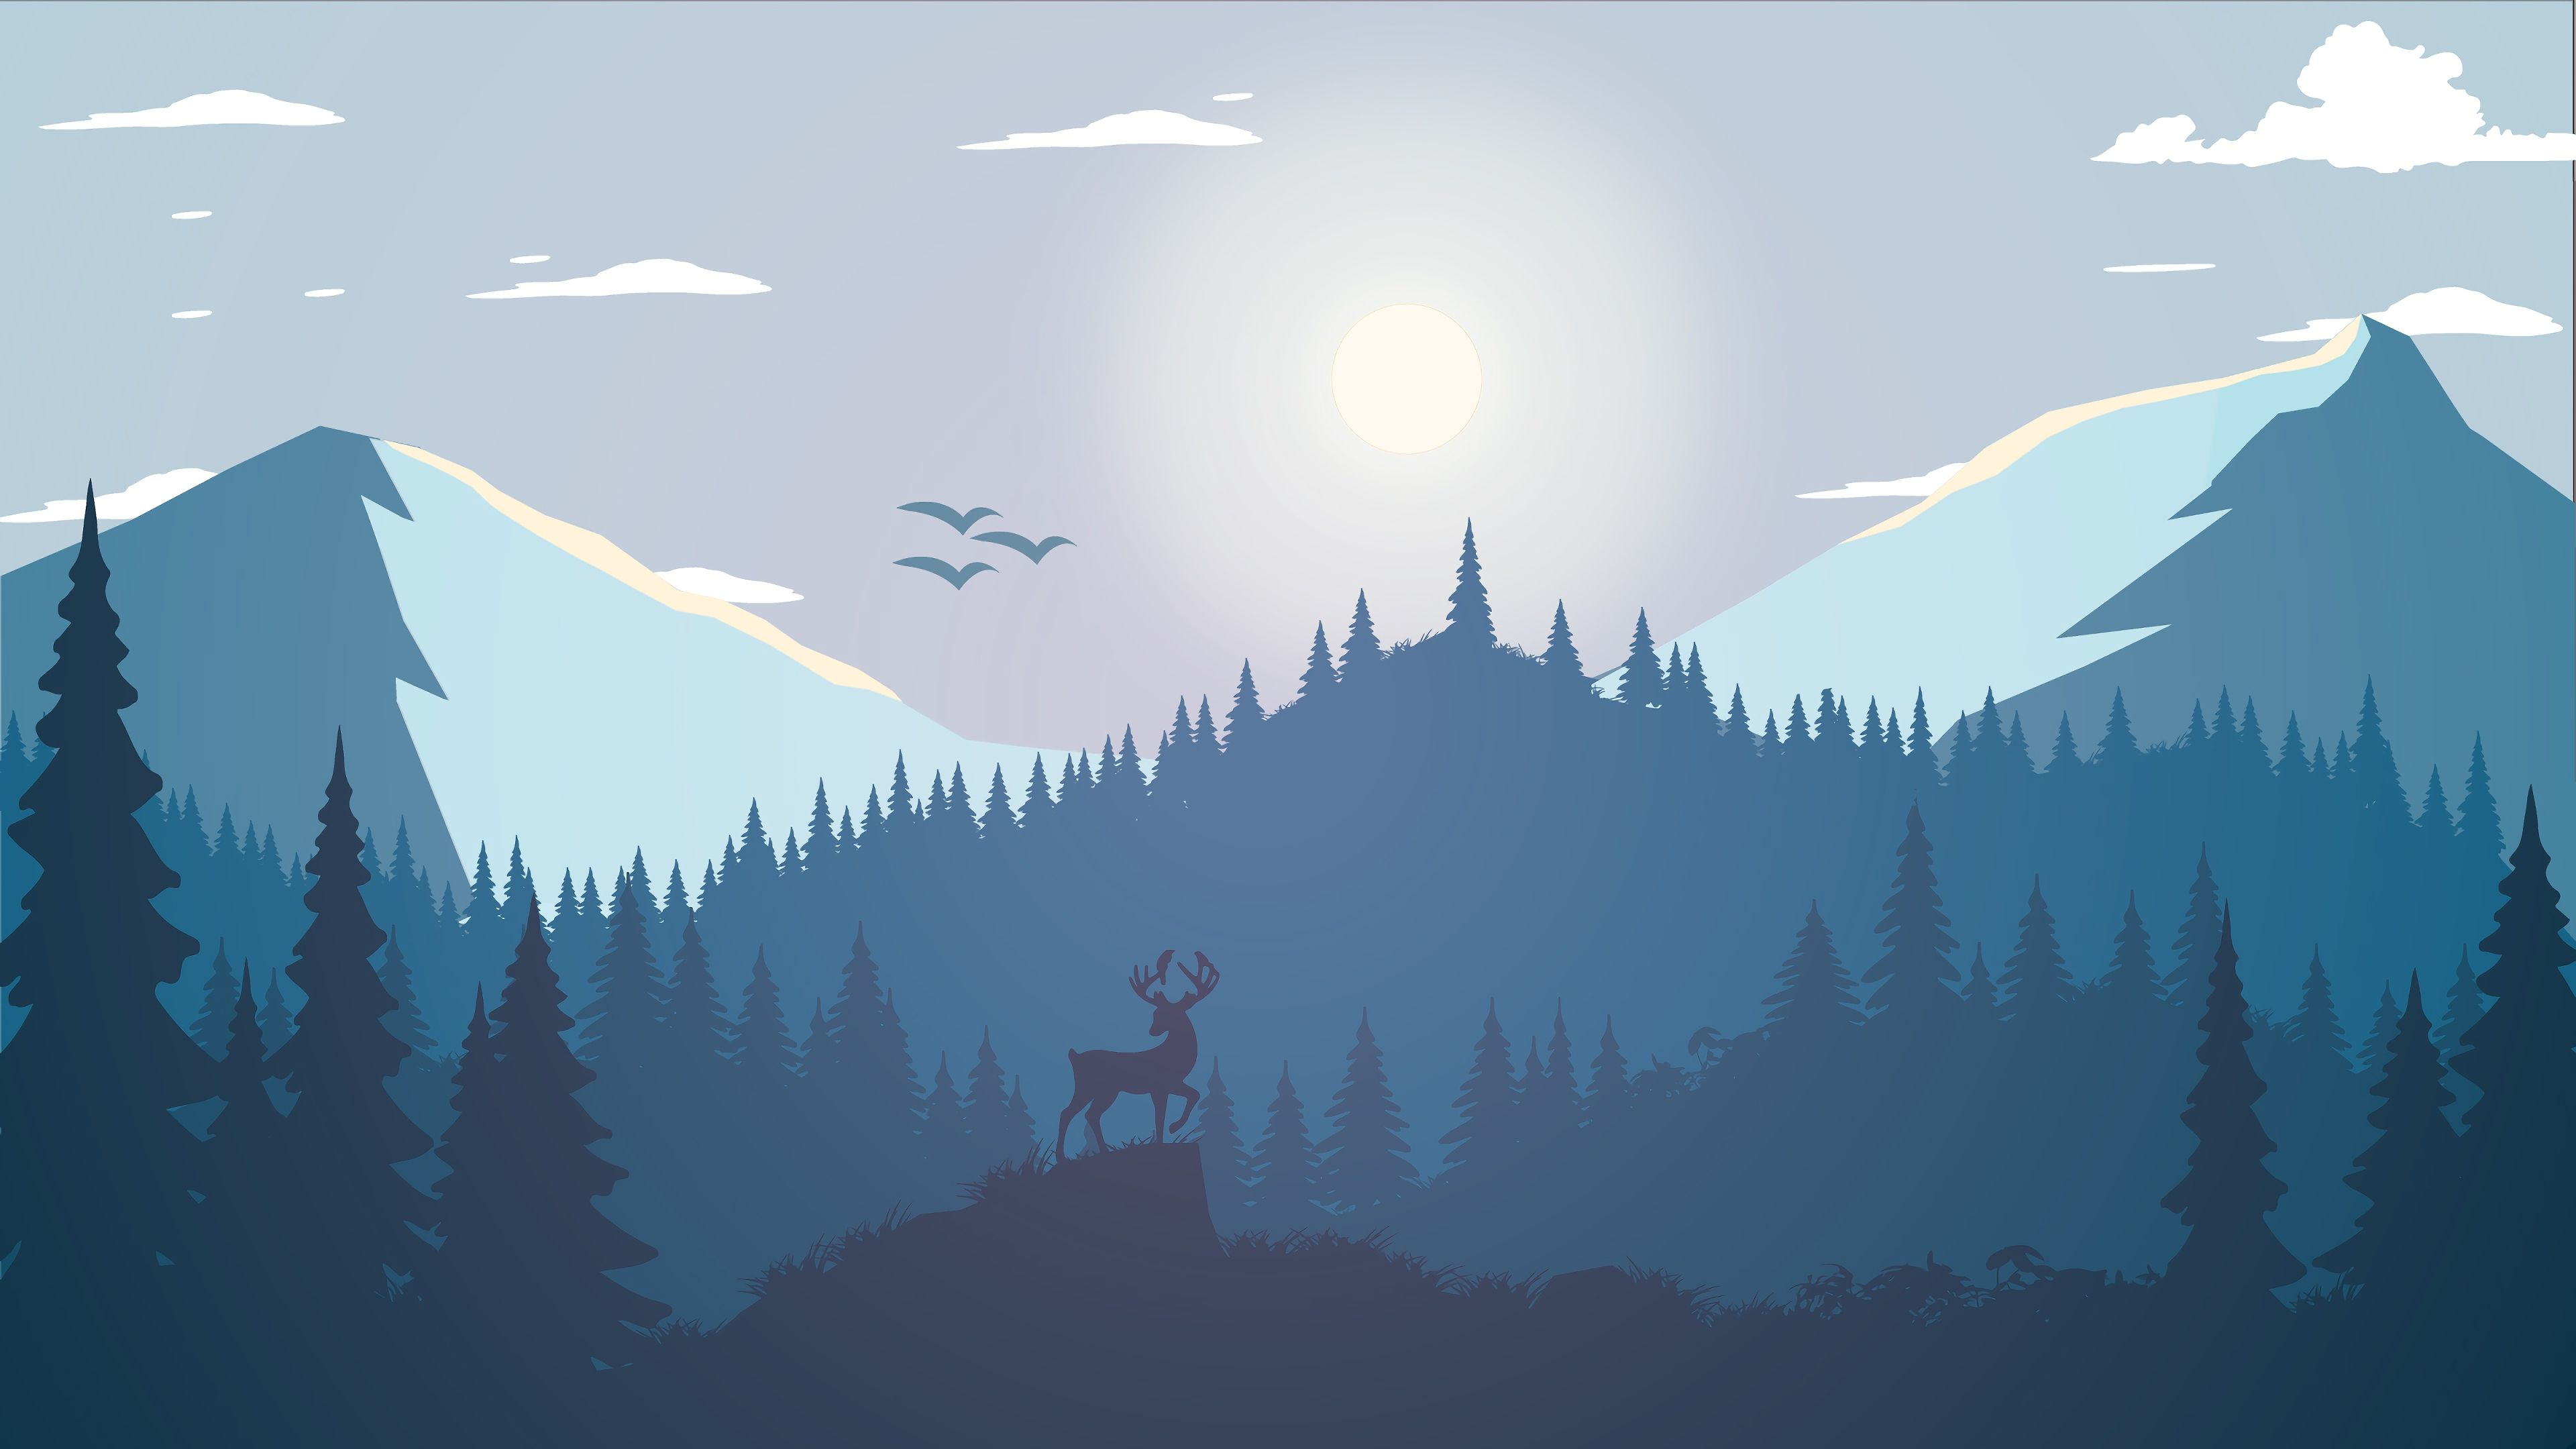 Nature Minimalist Forest Mountain 4k 2628 Computer Wallpaper Desktop Wallpapers Digital Wallpaper Computer Wallpaper Hd